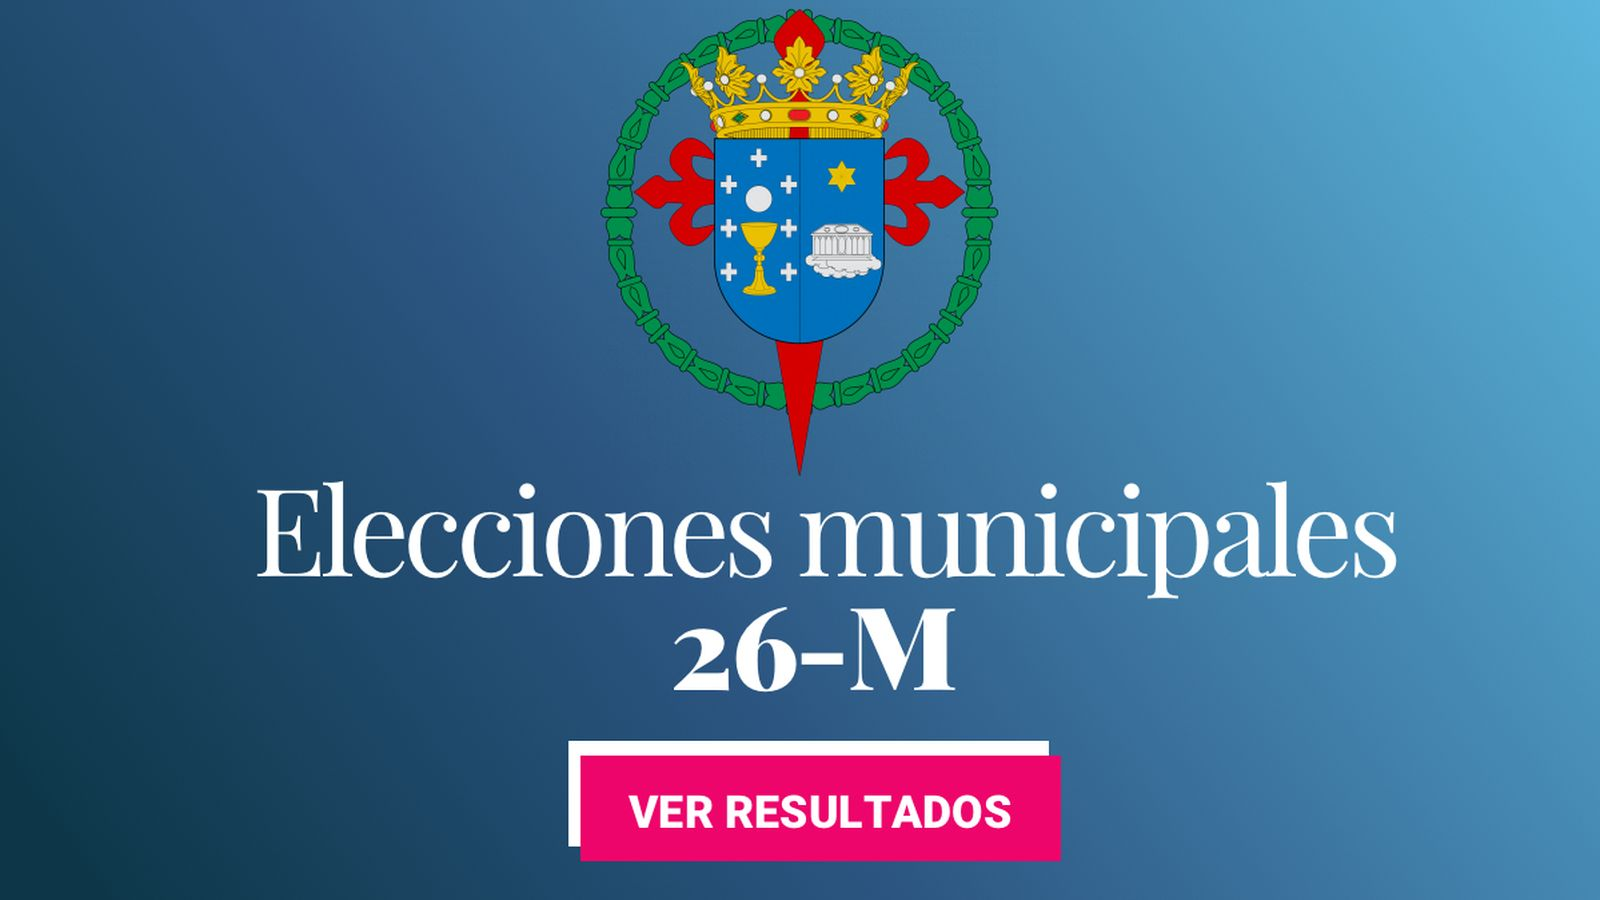 Foto: Elecciones municipales 2019 en Santiago de Compostela. (C.C./EC)